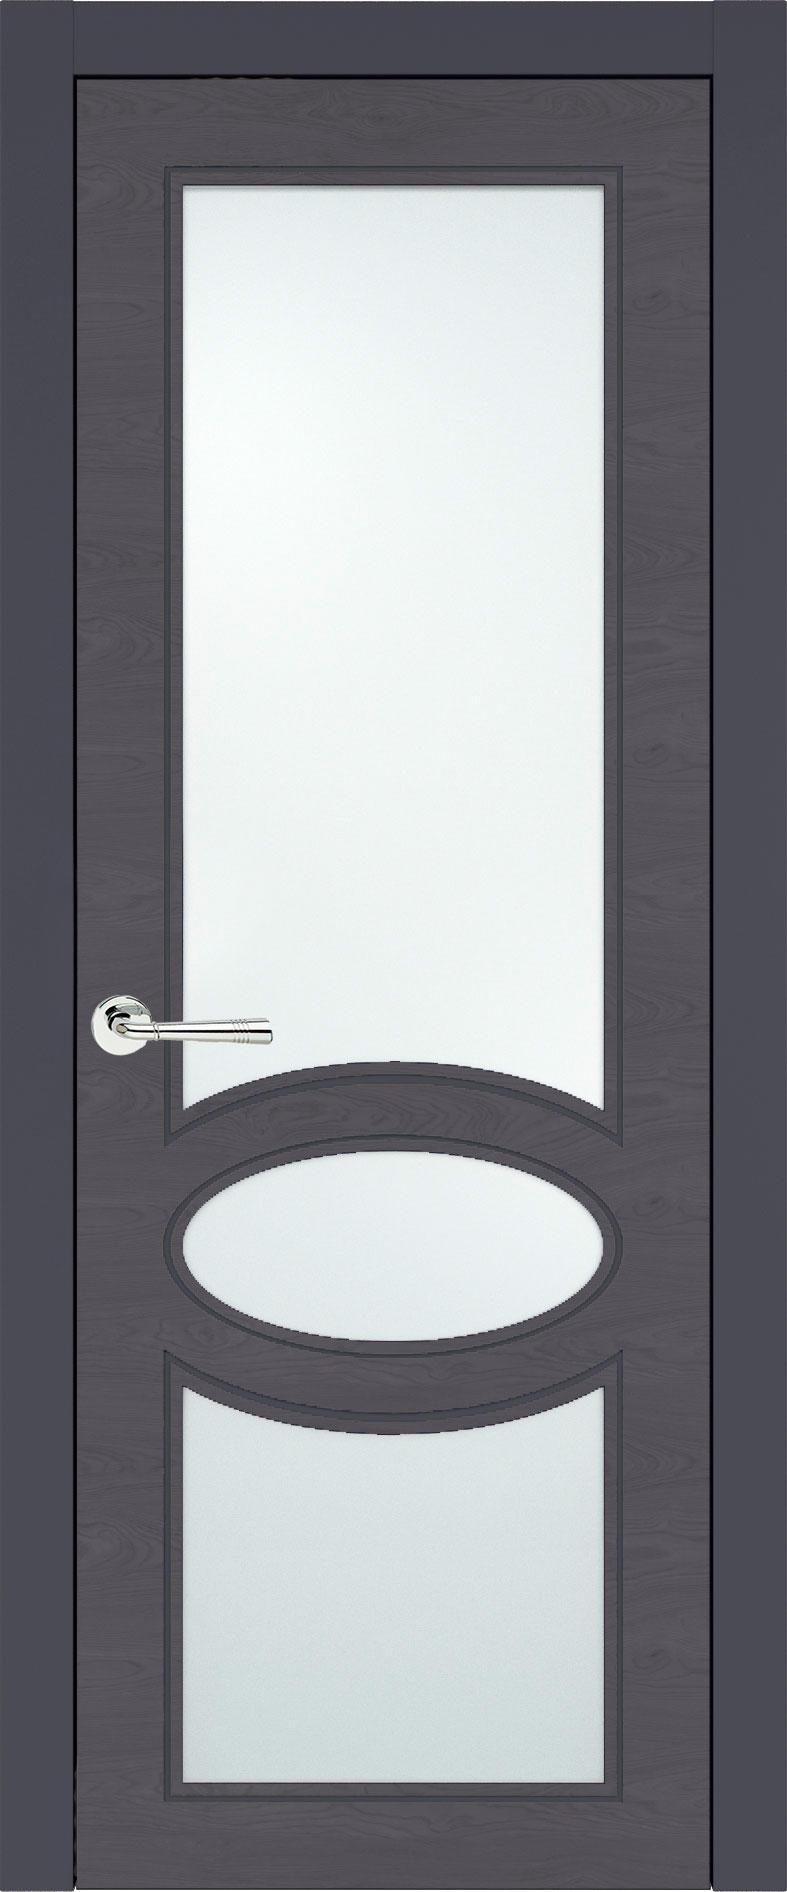 Florencia Neo Classic цвет - Графитово-серая эмаль по шпону (RAL 7024) Со стеклом (ДО)